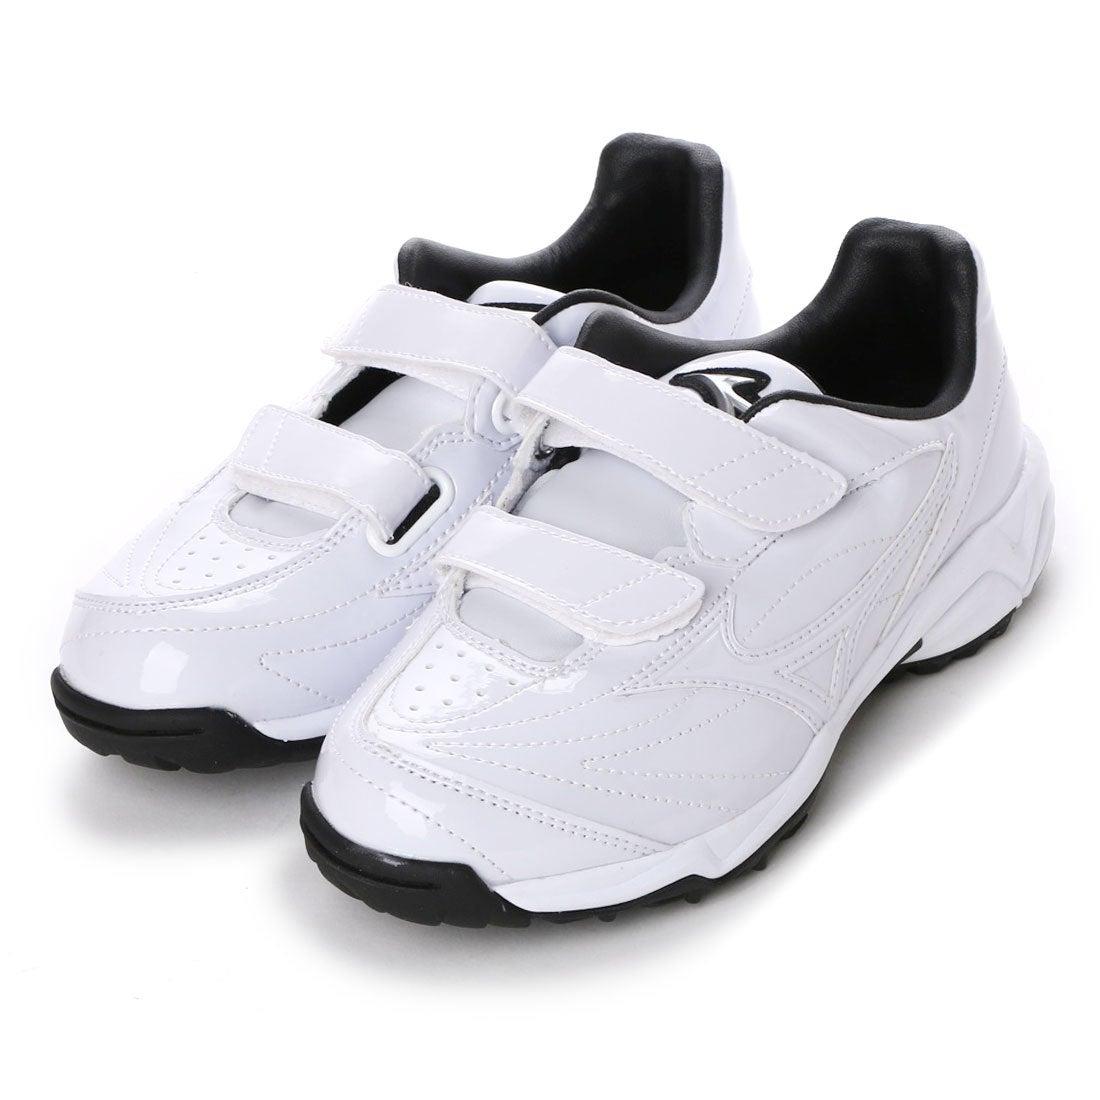 ロコンド 靴とファッションの通販サイトミズノ MIZUNO ユニセックス 野球 トレーニングシューズ SELECT 9 TRAINER Jr. 11GT172101 921